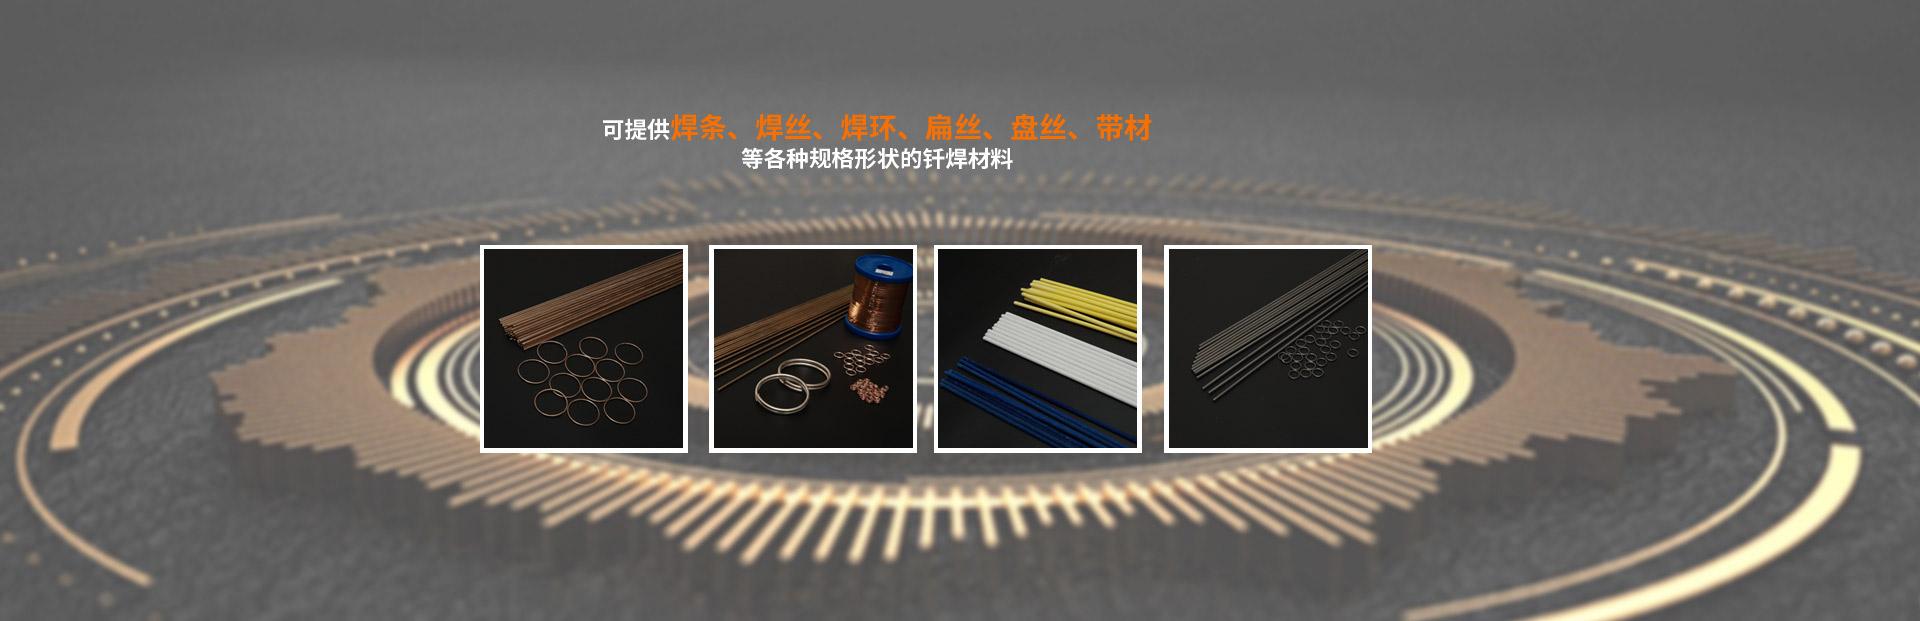 金華市雙環釬焊材料有限公司